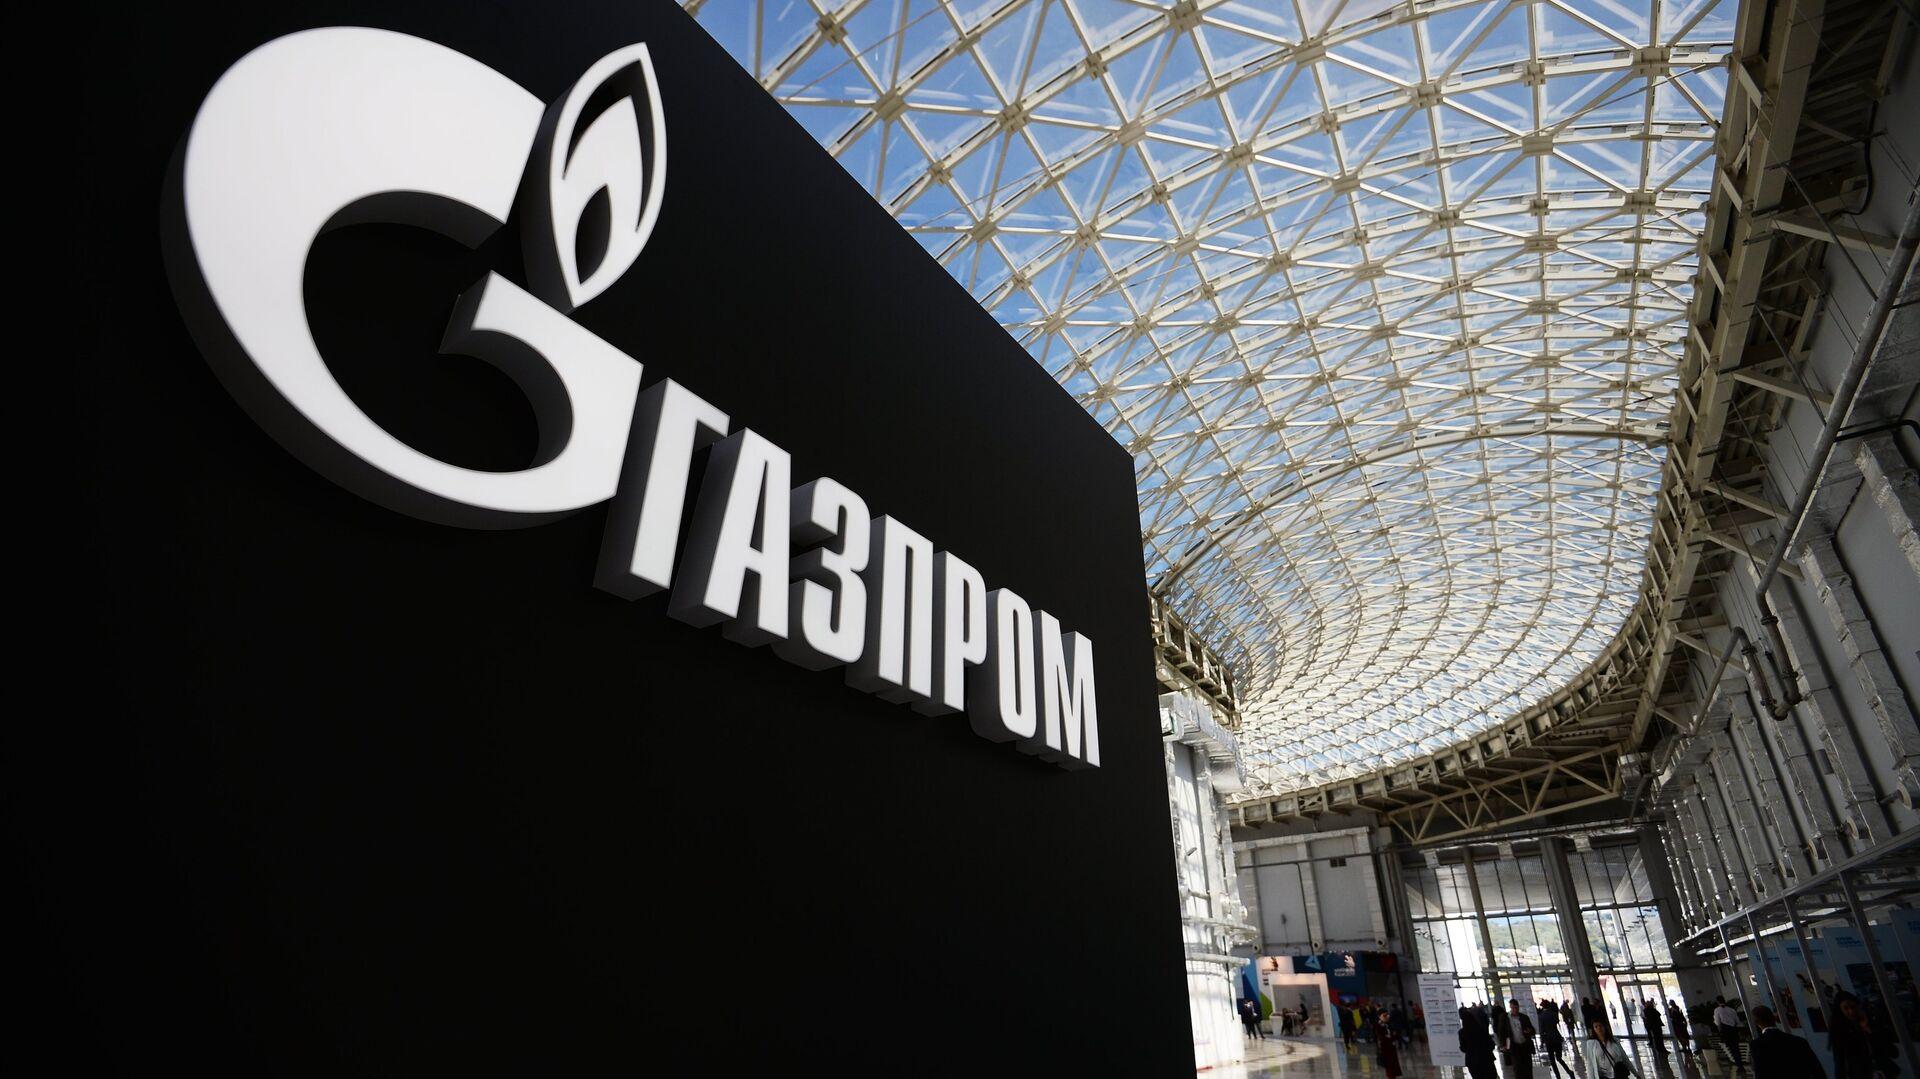 Logo de la compañía rusa Gazprom - Sputnik Mundo, 1920, 08.03.2021